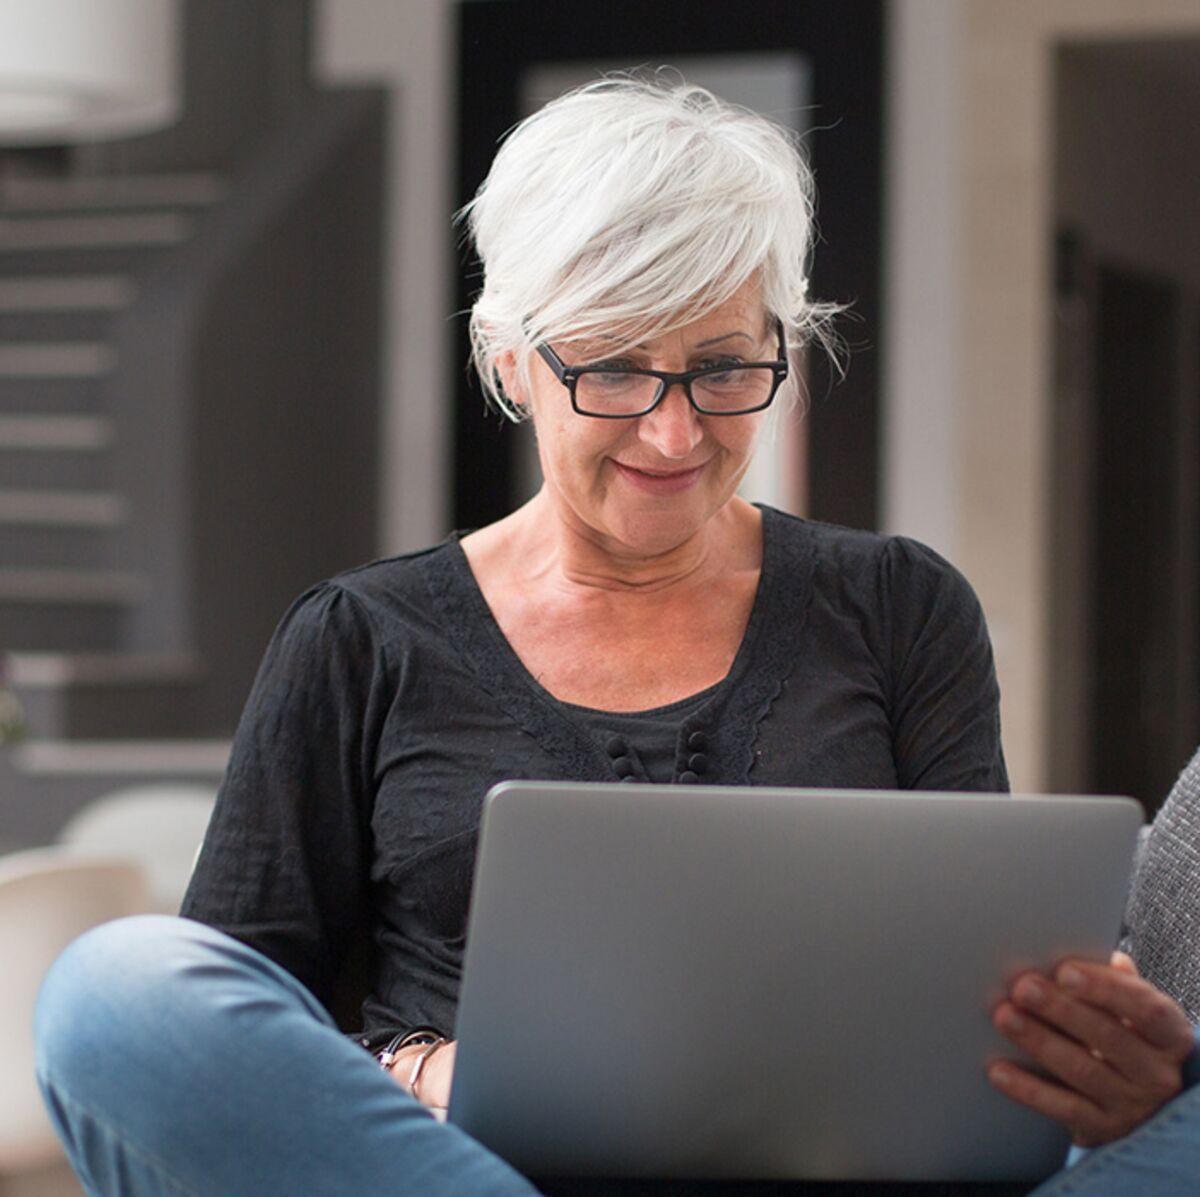 recherche emploi pour femme 50 ans